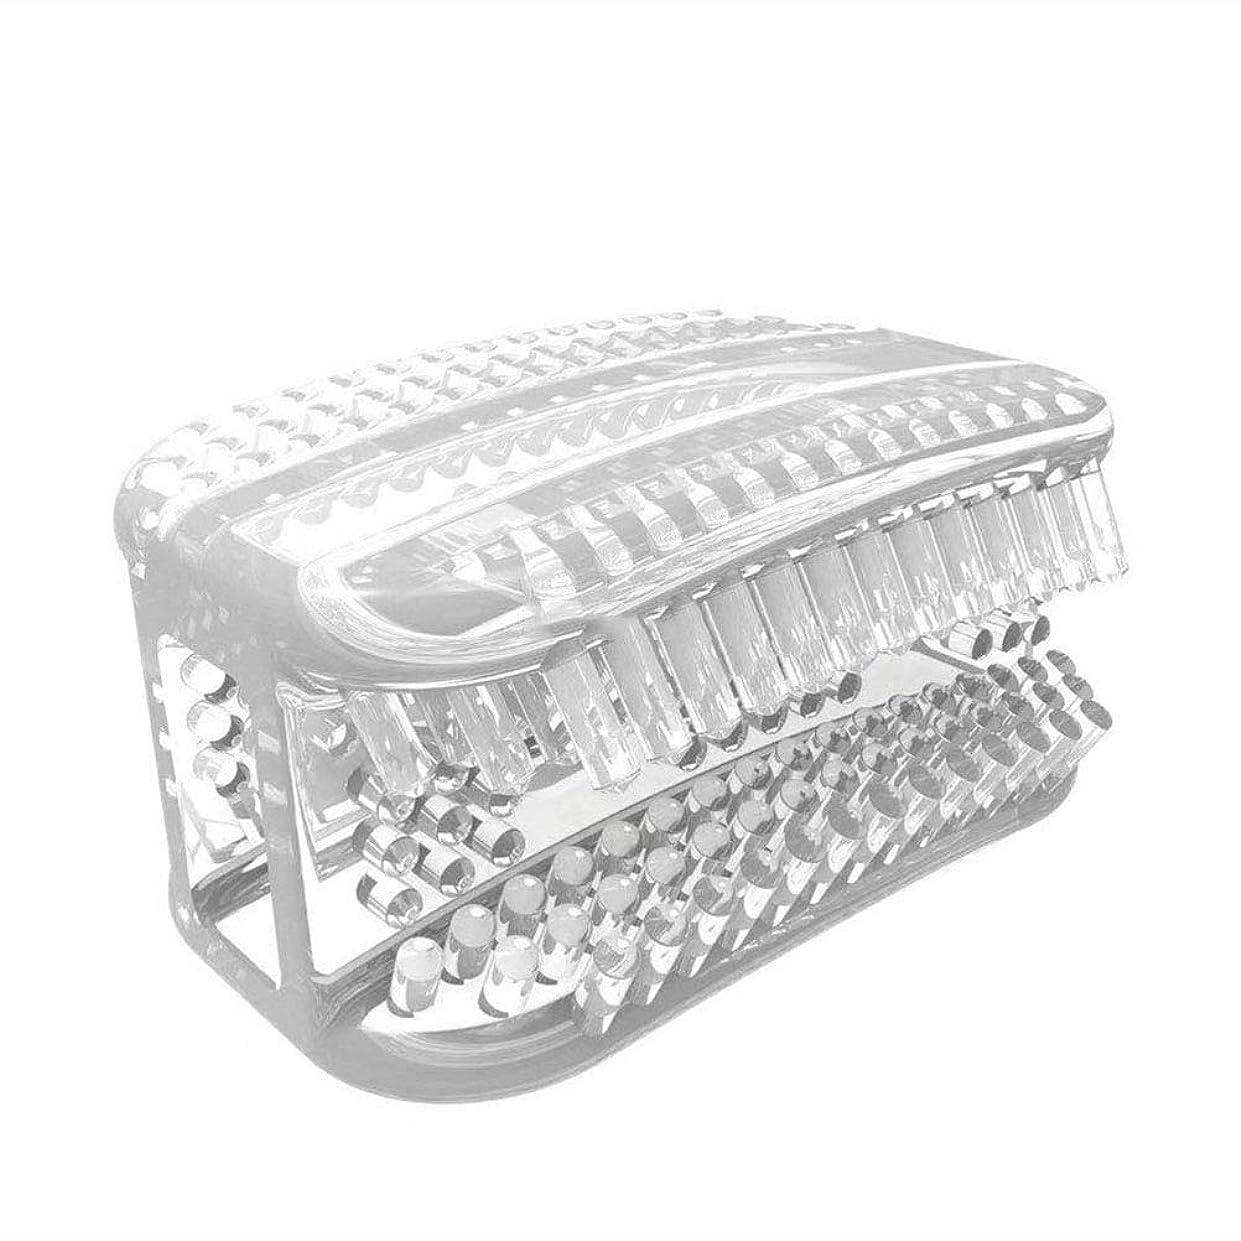 つかの間接続詞カートリッジHealifty 便利な歯ブラシ怠惰な咀嚼ポータブルミニホワイトニング歯ブラシ歯のクリーニングツール(透明ホワイト)